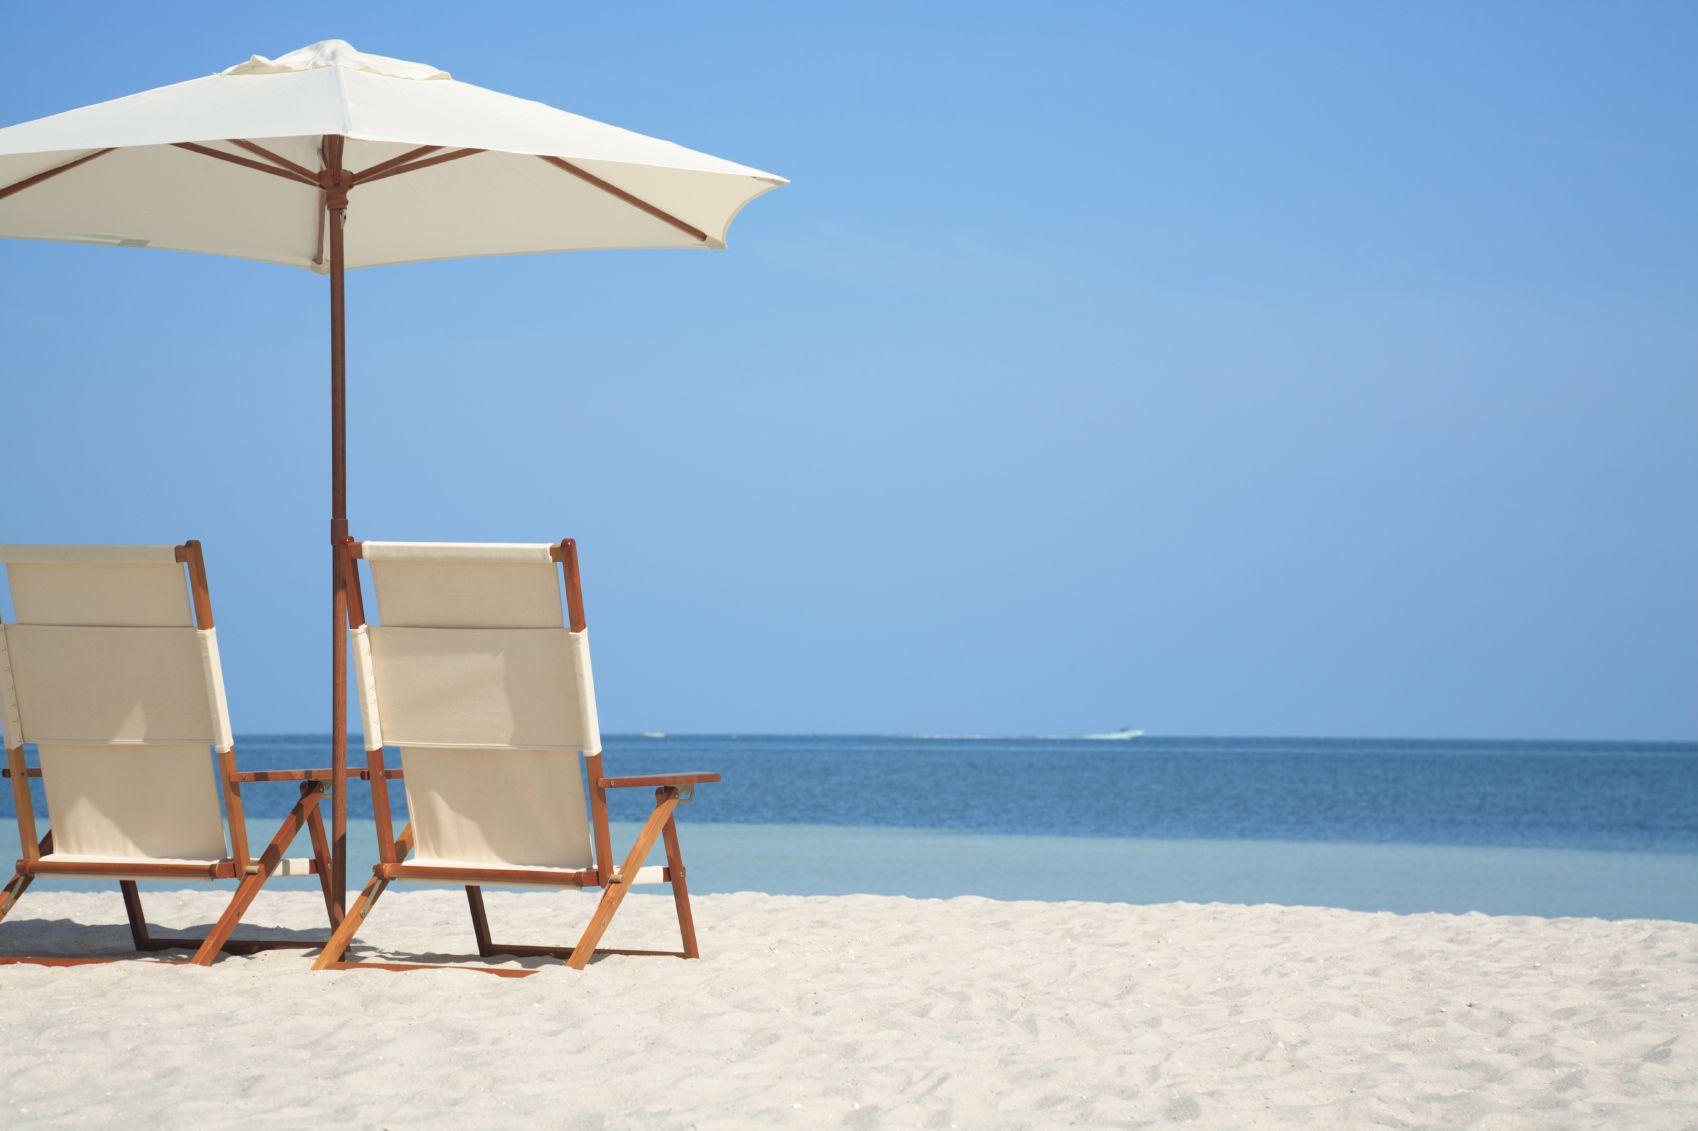 beach+chair beach chairs and umbrella on tropical beach